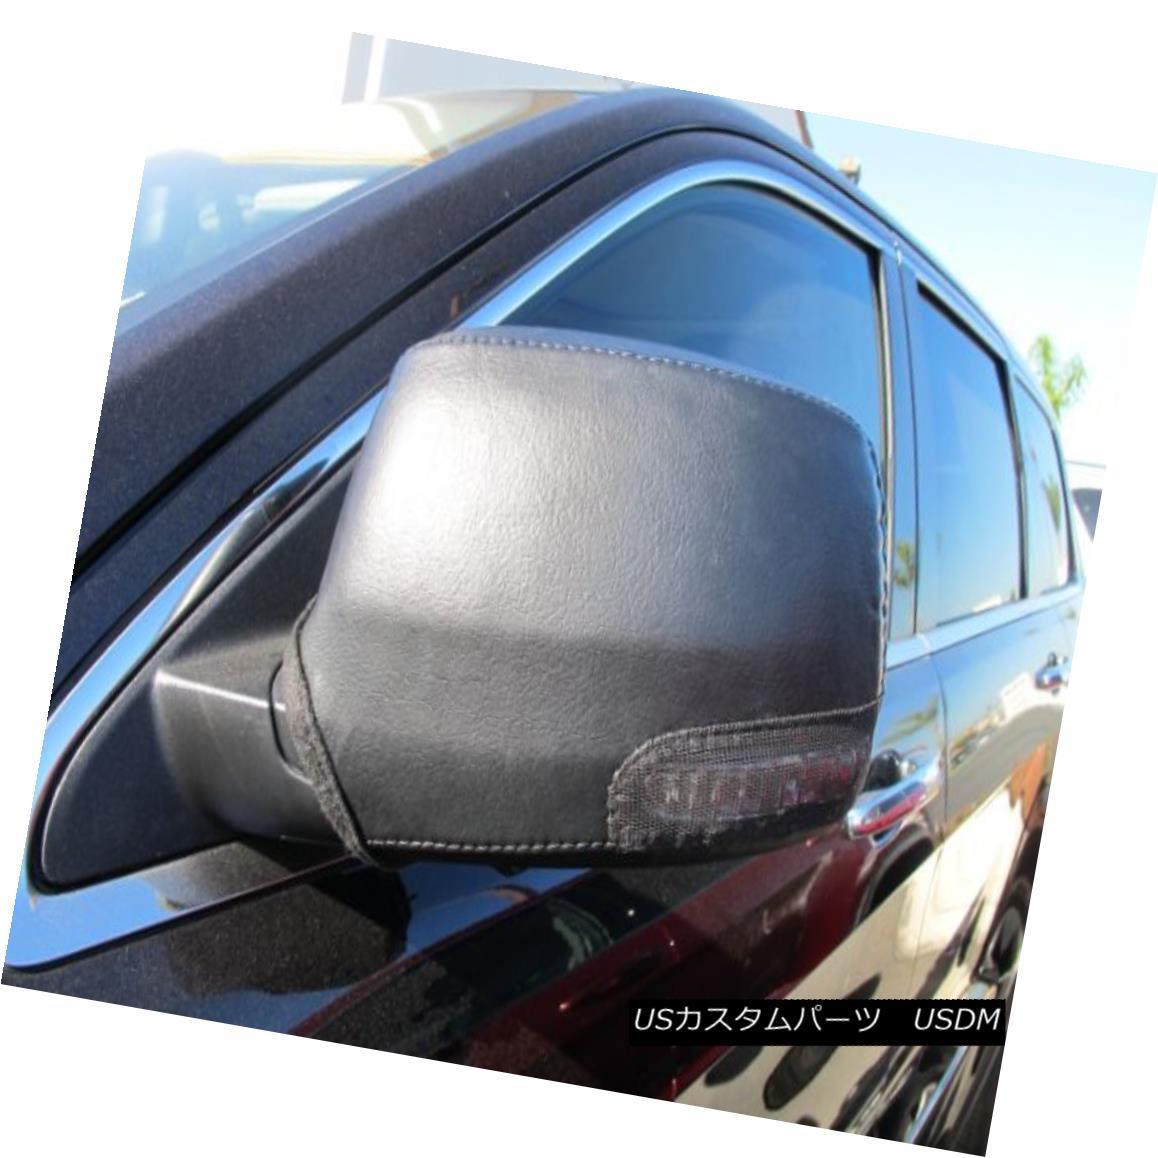 フルブラ ノーズブラ Colgan Car Mirror Covers Bra Protector Black Fits 11-12 Dodge Durango W/Signal コルガン車用ミラーカバーブラプロテクターブラック11-12ダッジドゥランゴW /シグナルに適合